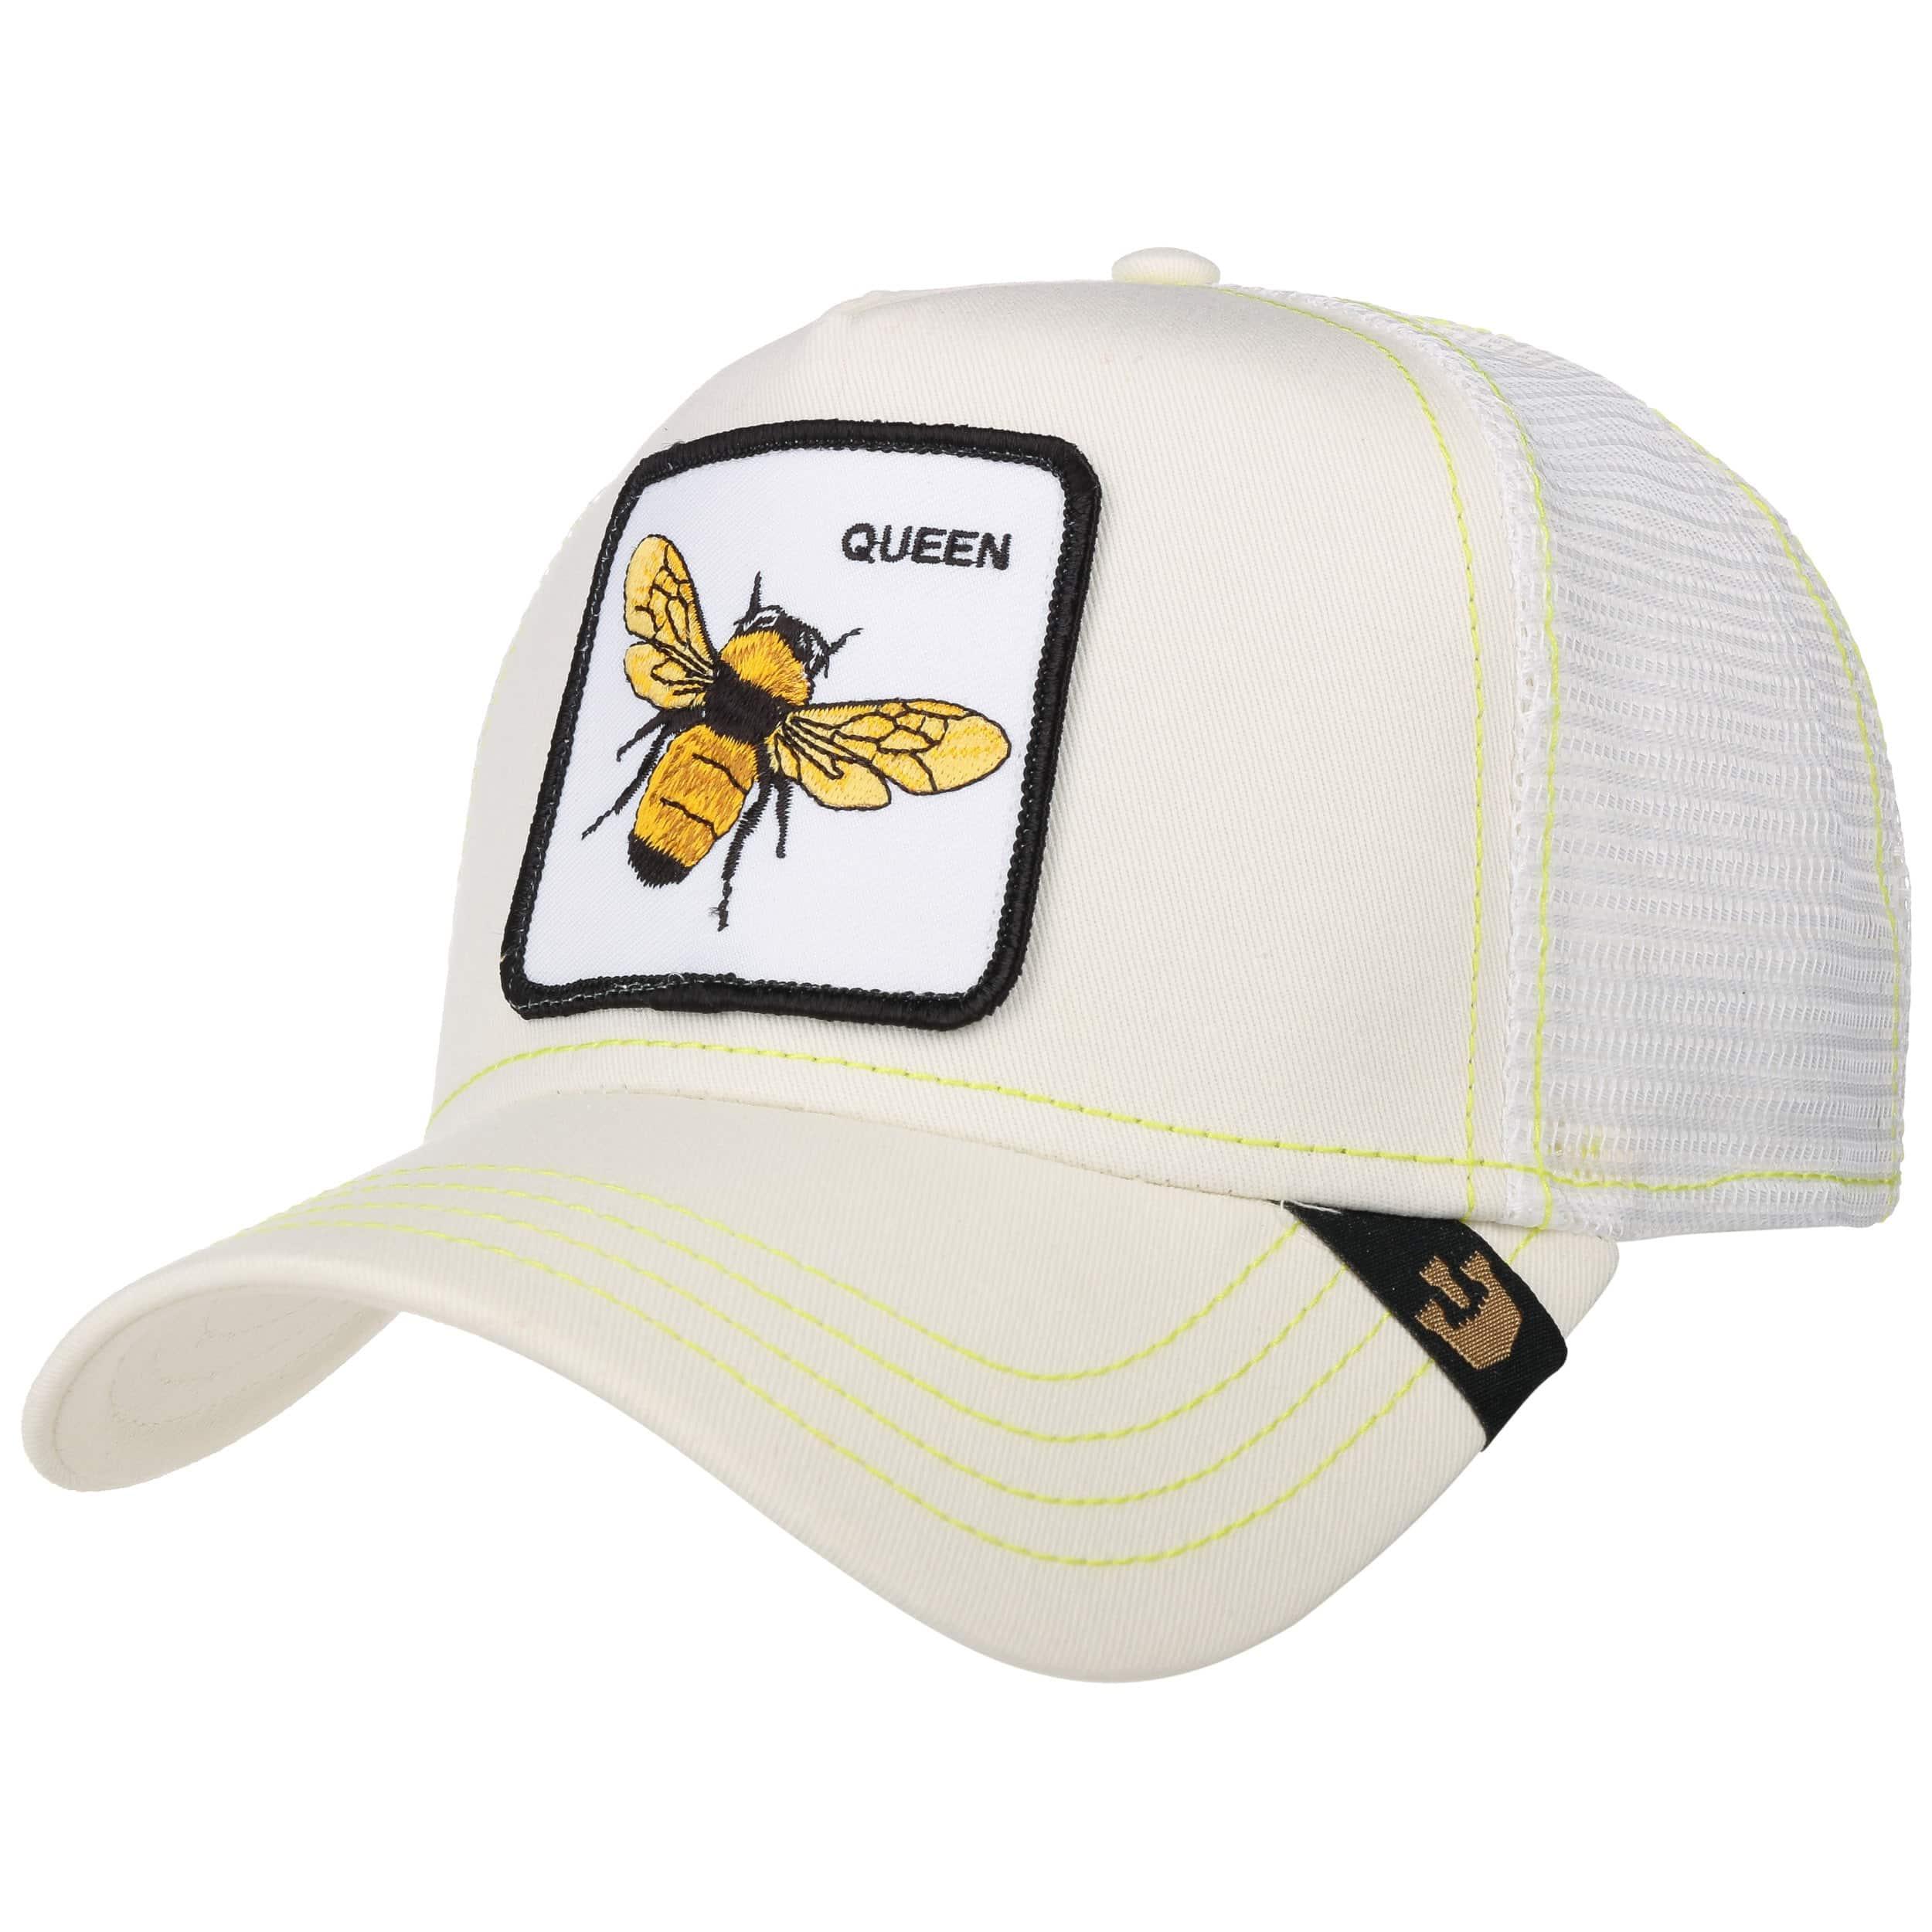 Queen Bee Trucker Cap. by Goorin Bros. 2d8d86792be